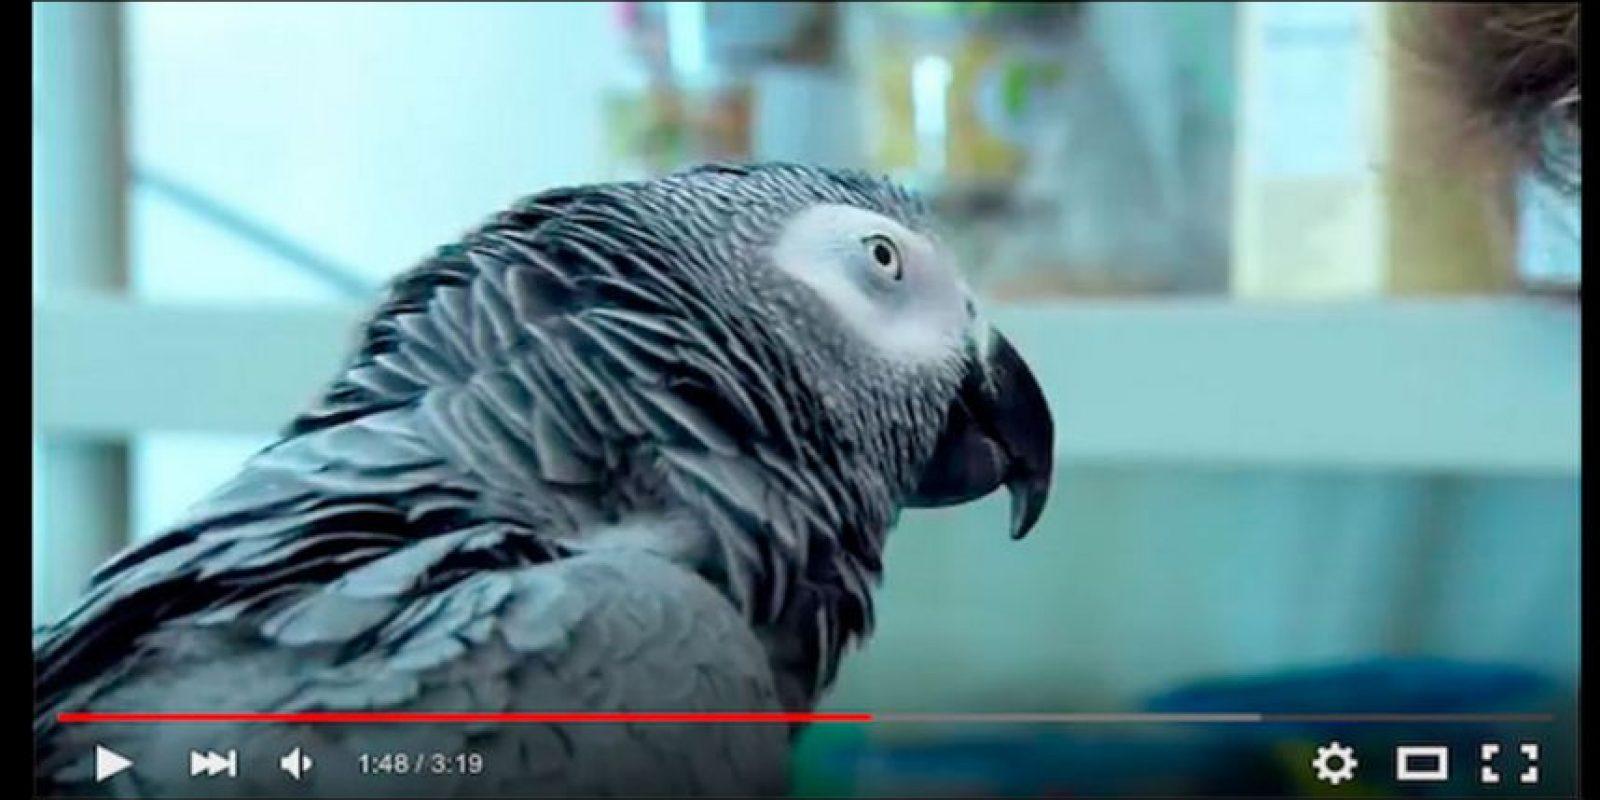 Olvídense para siempre de cortar la parte baja de un video mientras lo reproducen Foto:YouTube